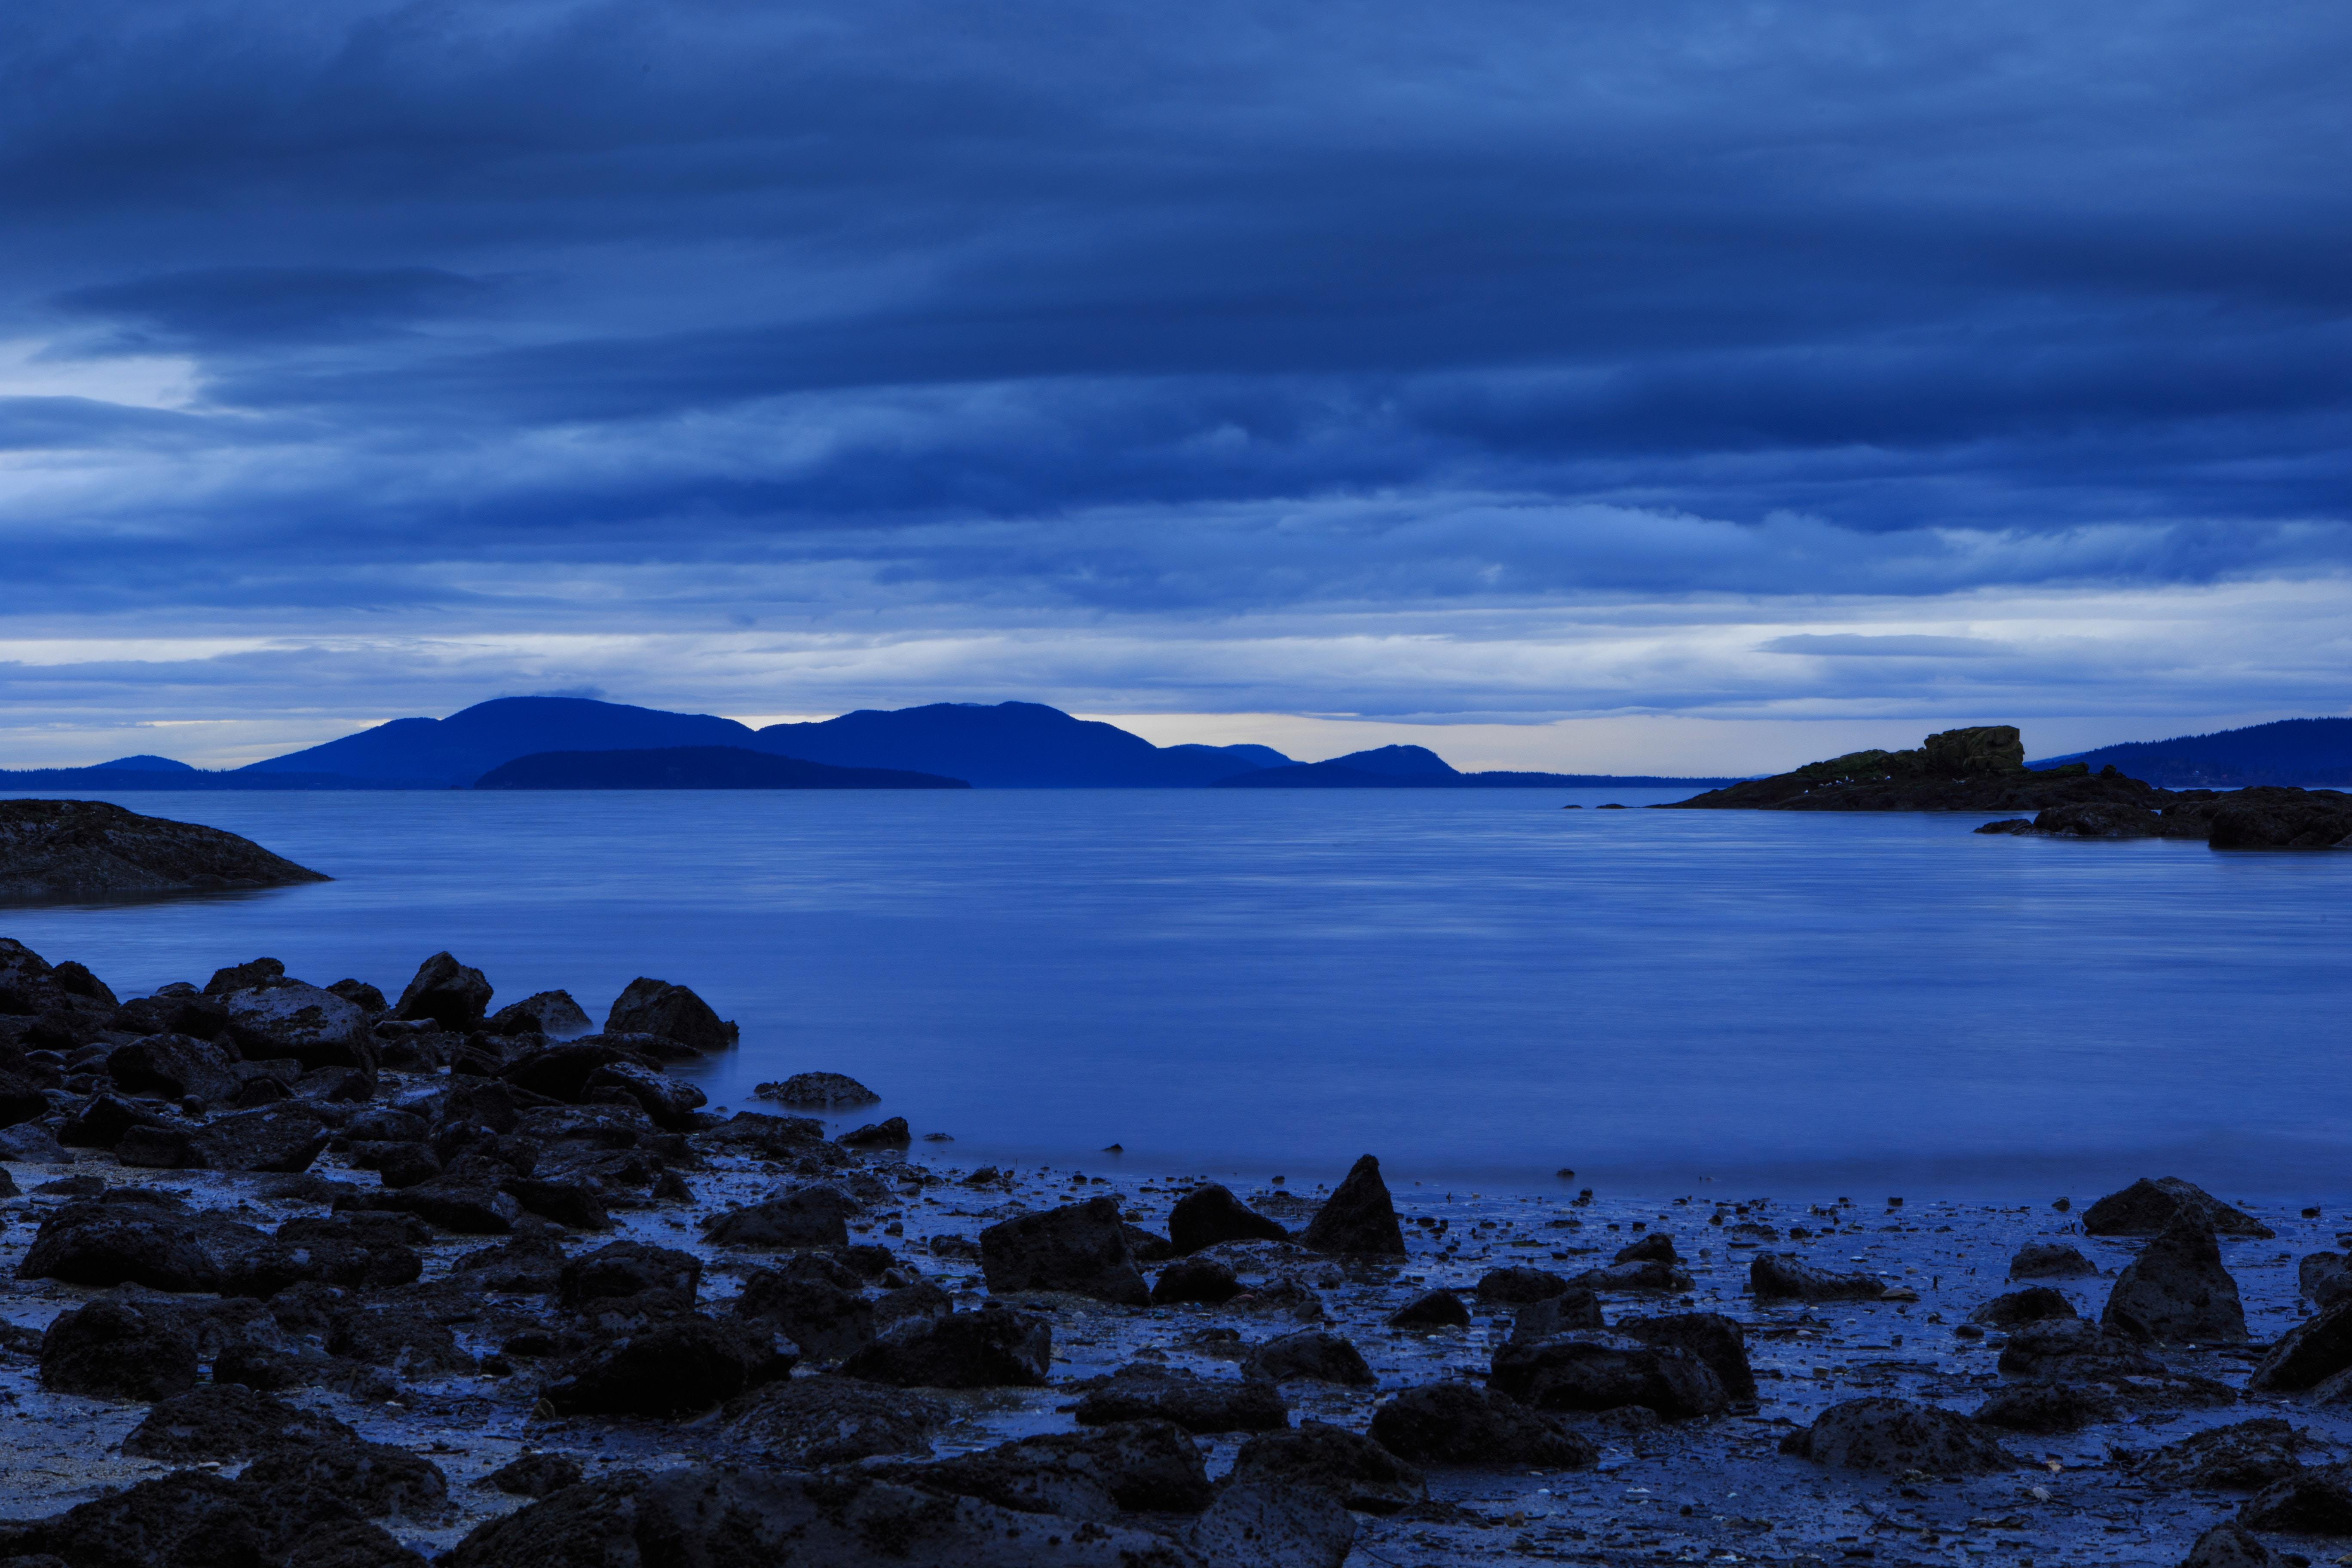 Wallpaper Mountain 4k Hd Wallpaper Lake Sea Ushuaia: 5k Lake Sea Mountains Landscape, HD Nature, 4k Wallpapers